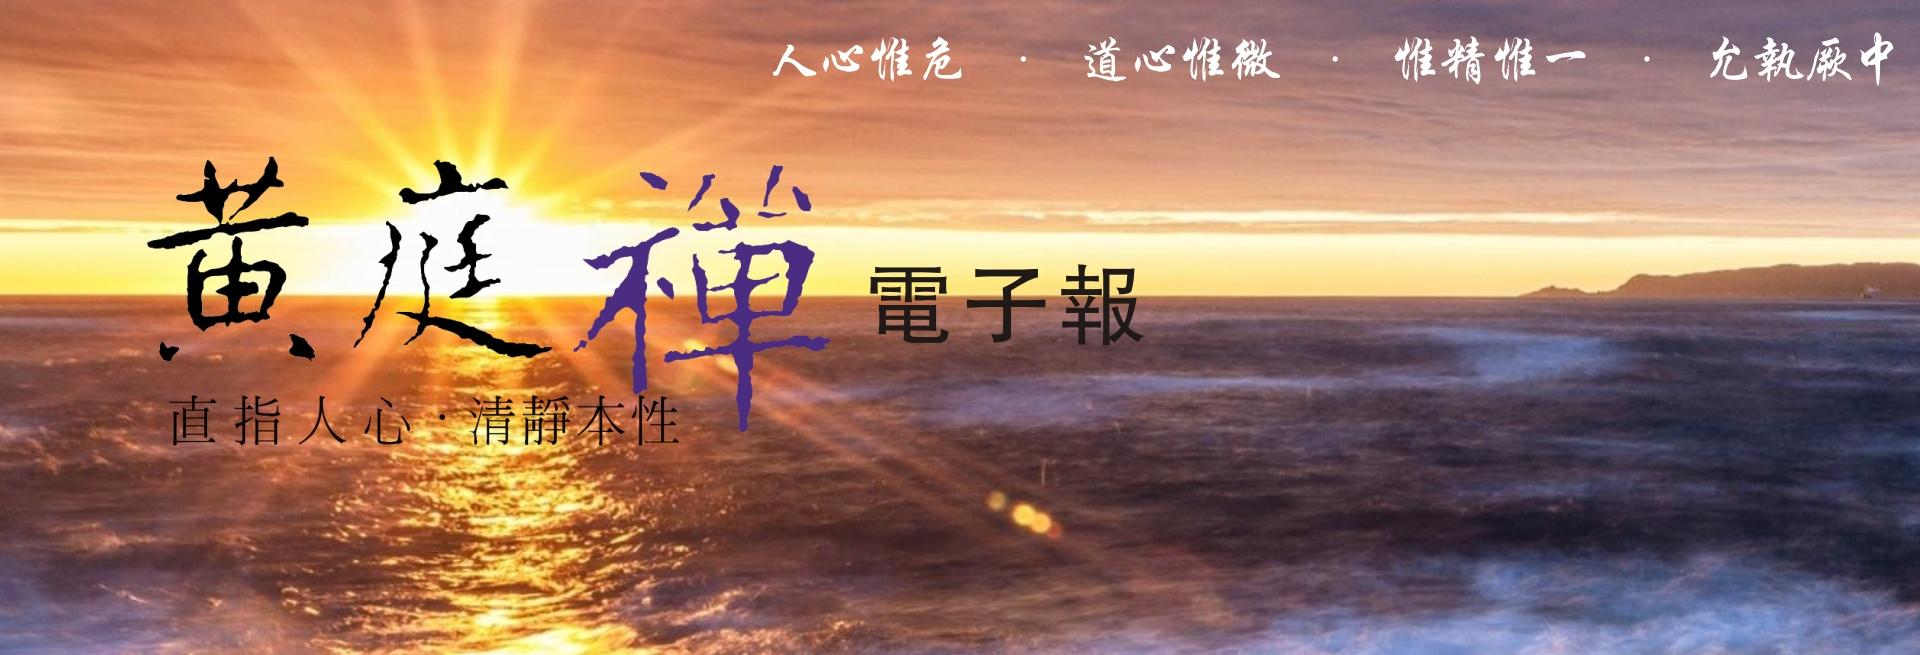 中華黃庭禪學會2020.10.21電子報